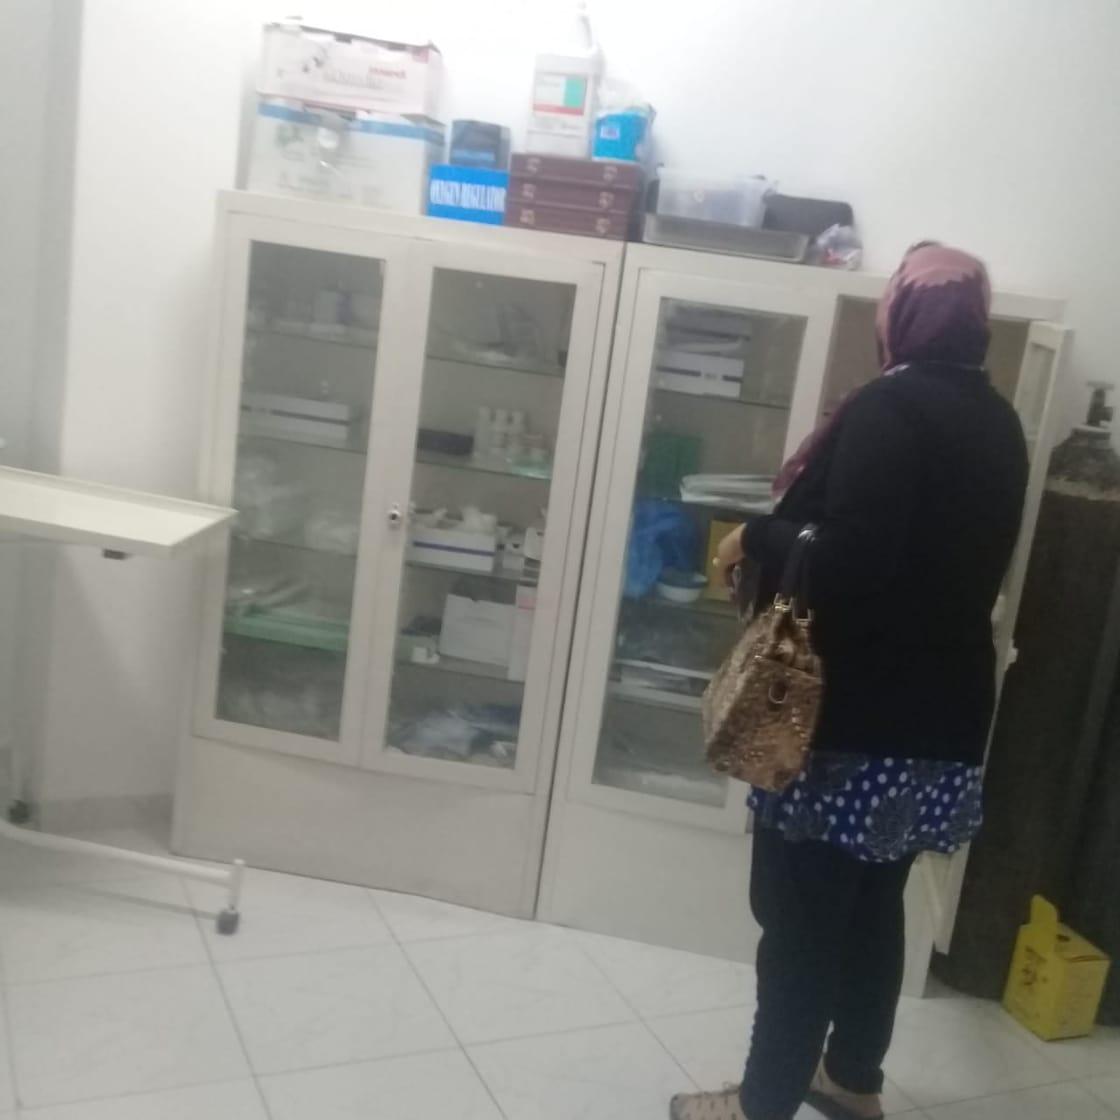 2-عيادة بدون ترخيص